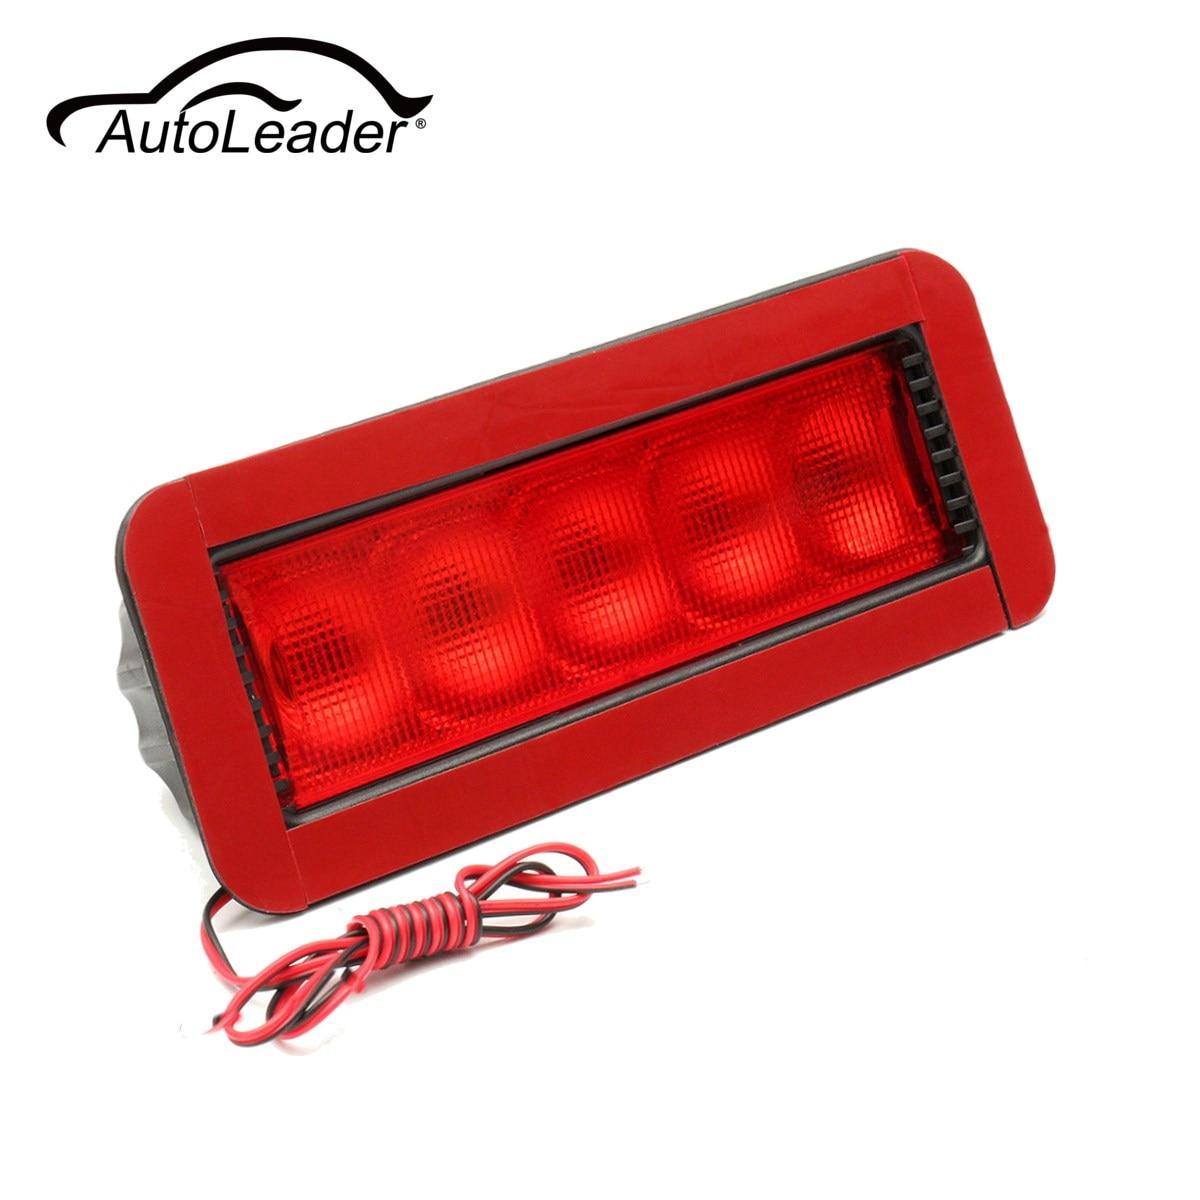 AutoLeader Универсальный автомобиль Красный задний освещение 5led 12 В высокая гору рычаг третий 3-й тормоз остановить хвост света автомобиля светодиодные 0.5 W пластик